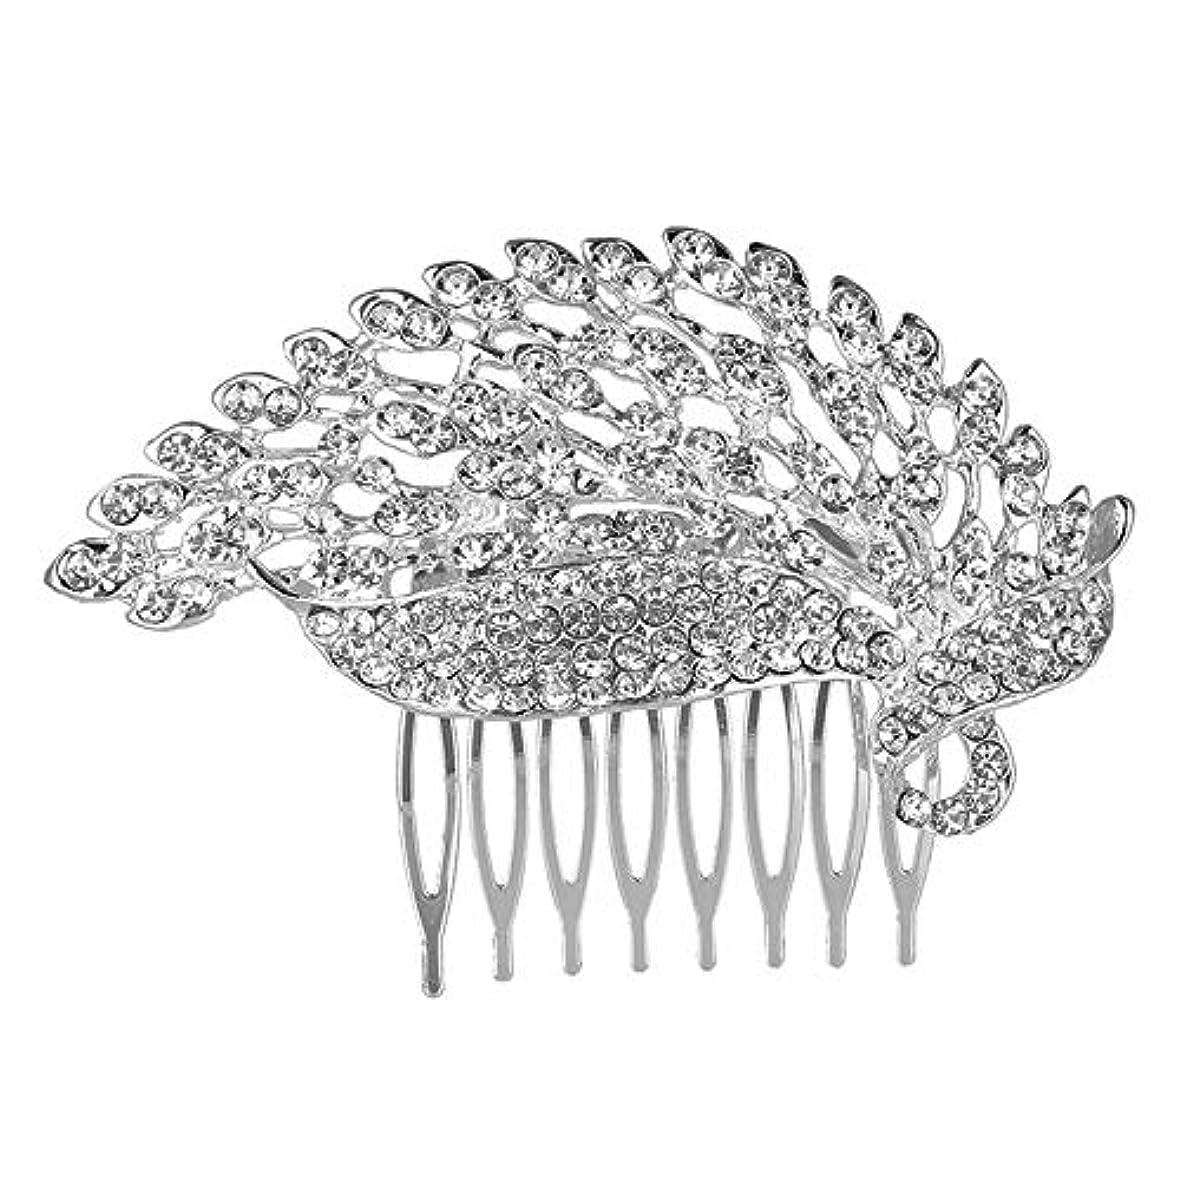 繊細チャレンジ非武装化髪の櫛の櫛の櫛の花嫁の櫛の櫛の櫛の花嫁の頭飾りの結婚式のアクセサリー合金